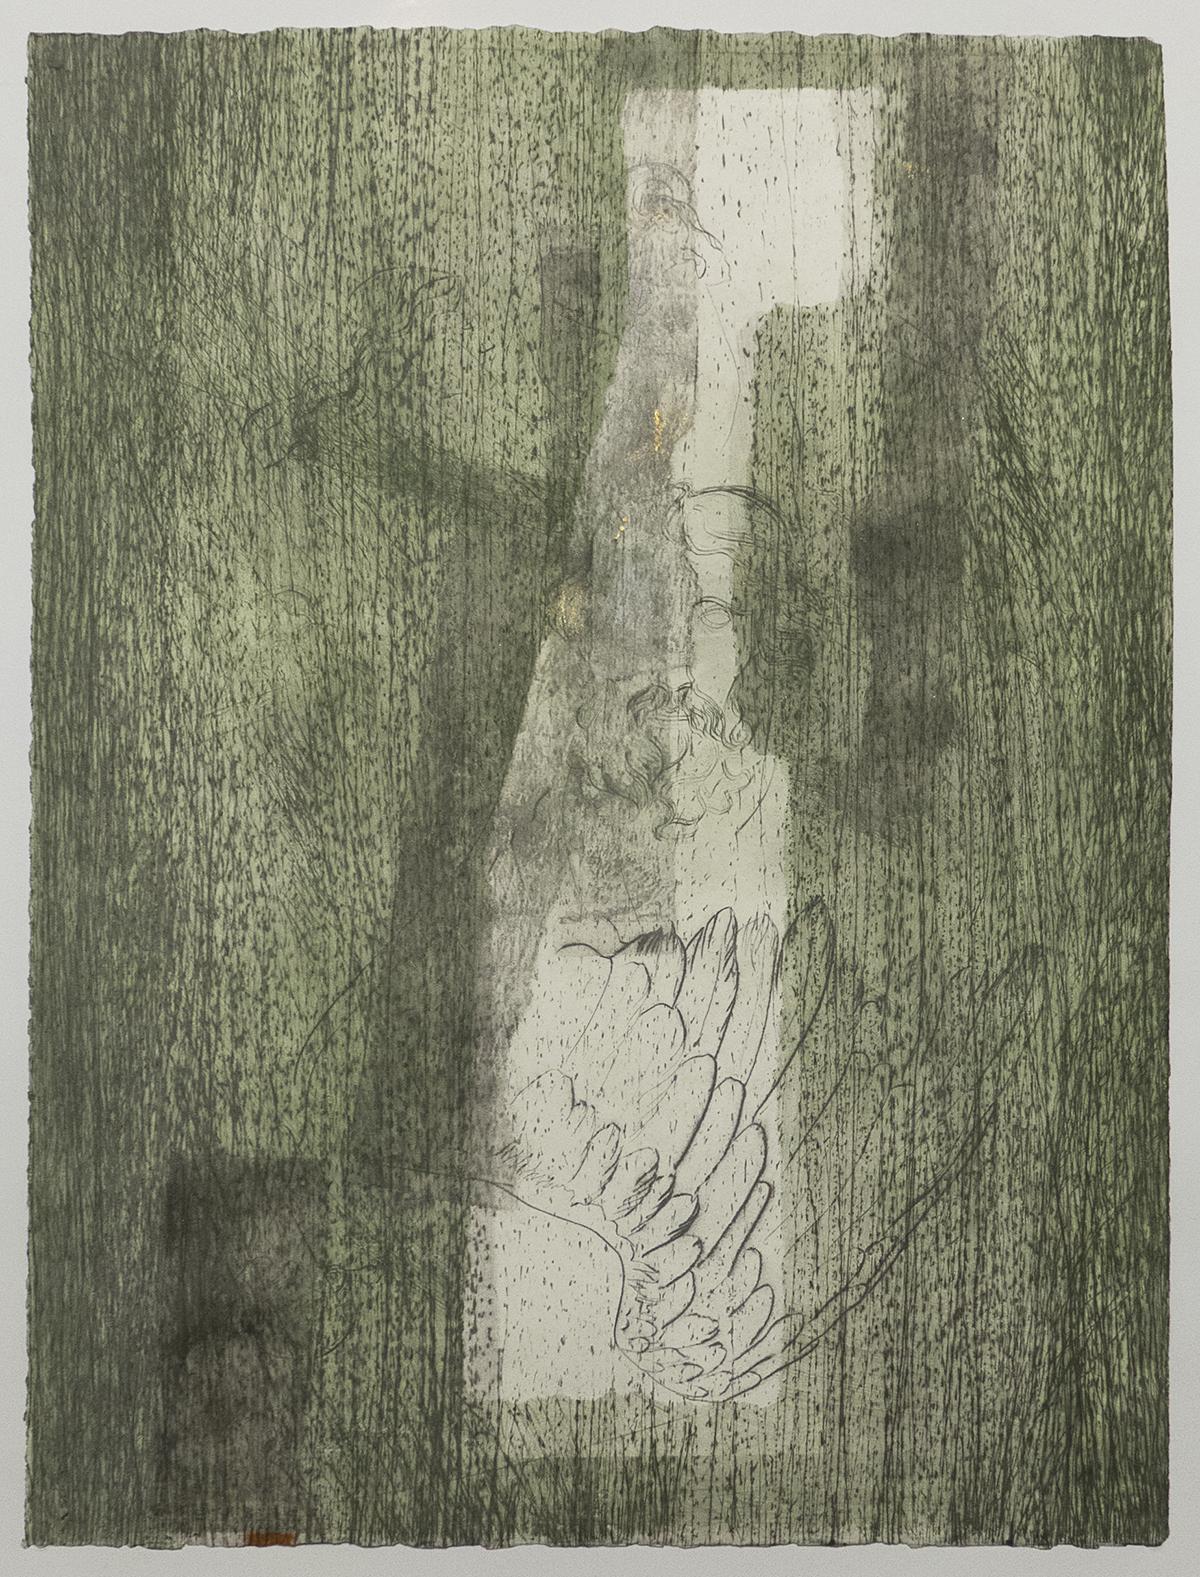 church 2, labastide, monoprint, carborundum, pointe sèche, chine-collé, monotype sur papier wenzhou 30g ou de gravure 160g, blandine galtier ©